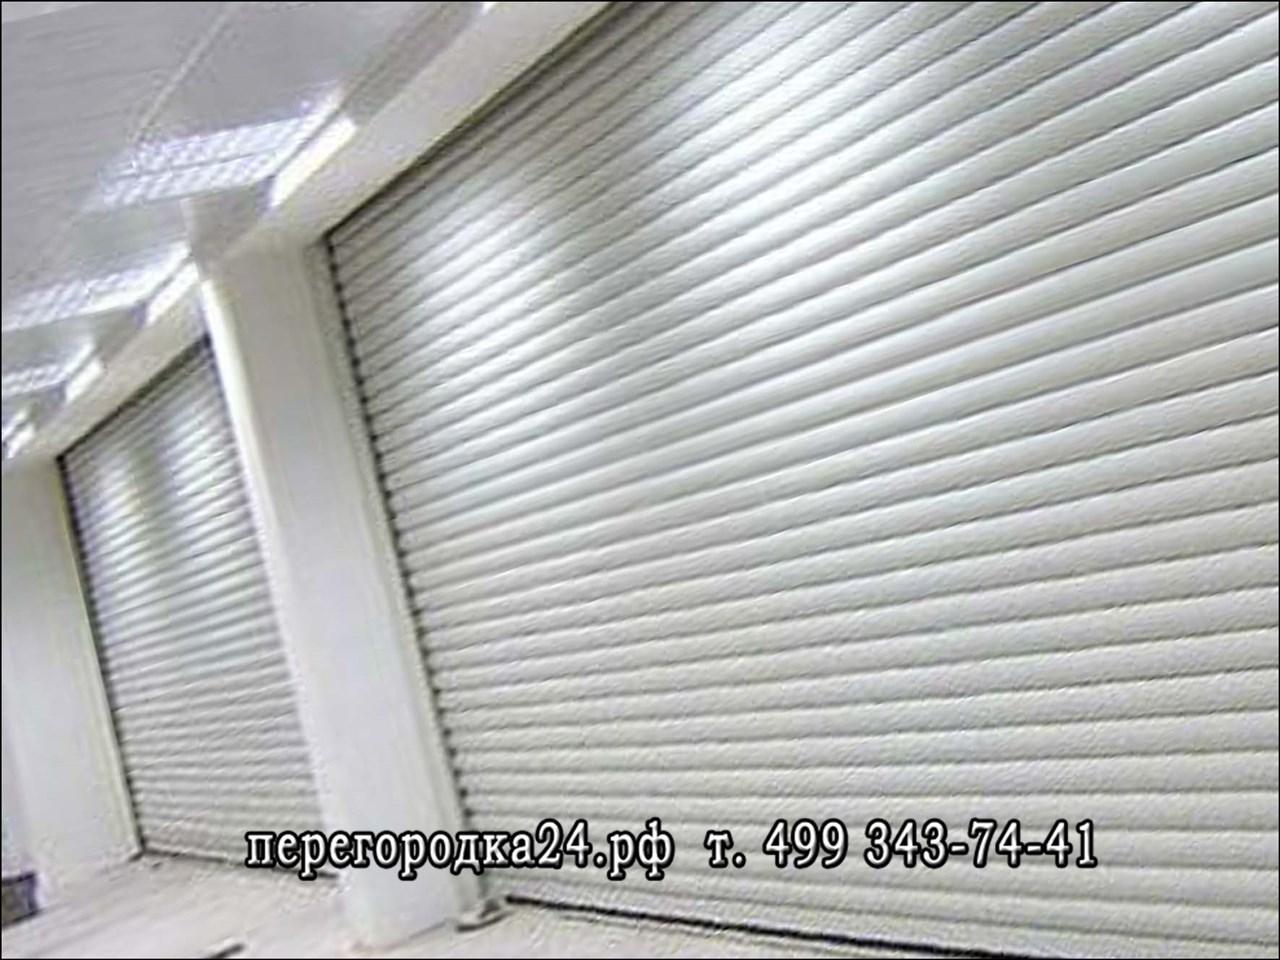 Защитные жалюзи устанавливают на оконные или дверные проемы